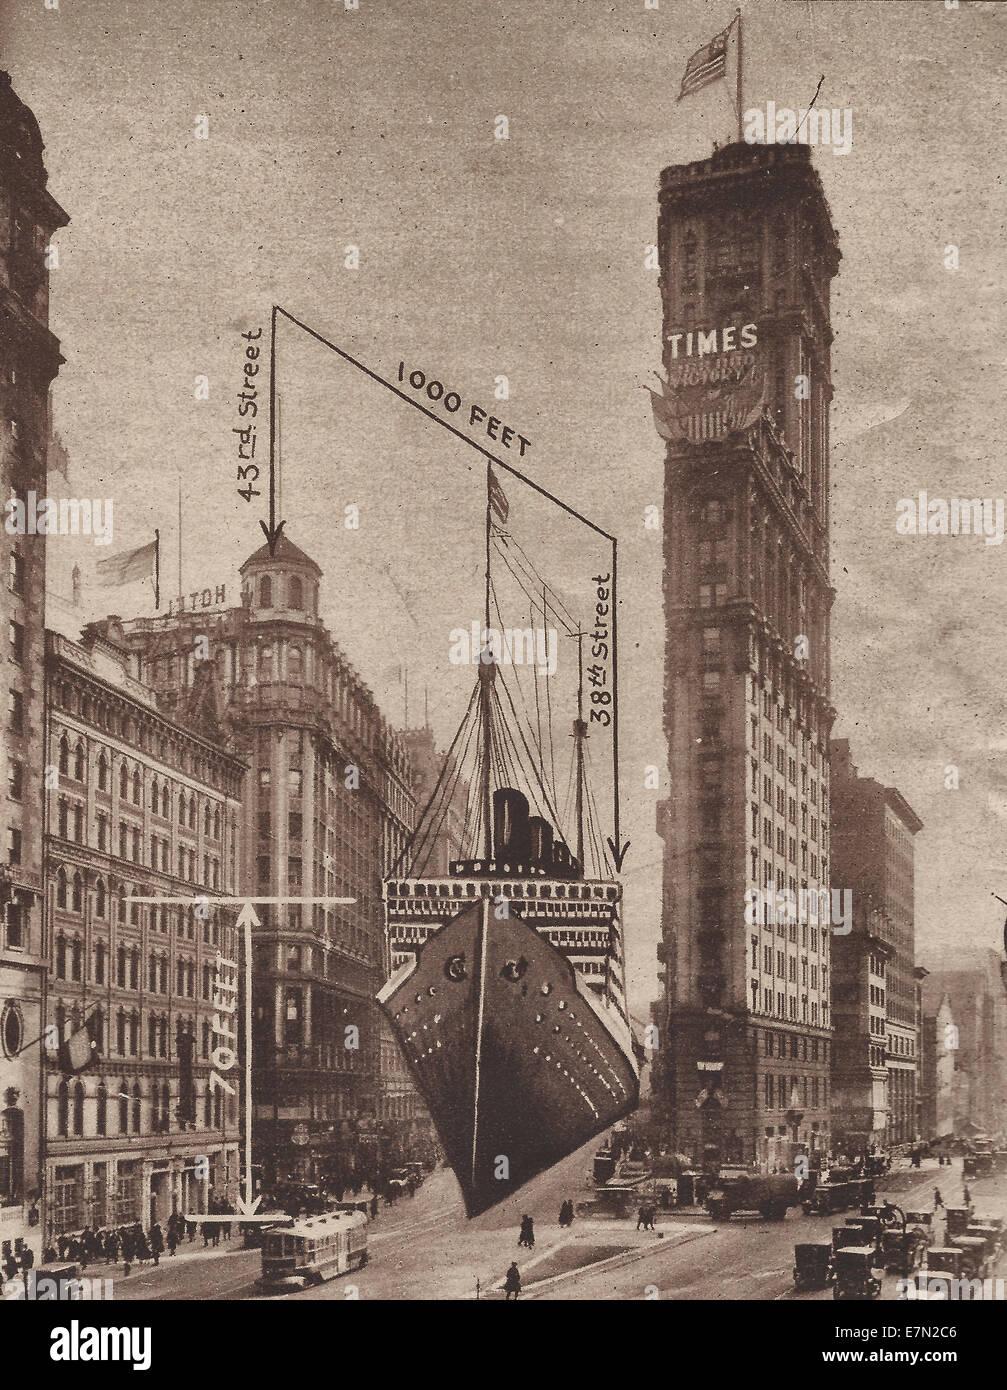 Eines der neuen Ozean-Dampfer vor kurzem projiziert würde entlang der Broadway in New York von der Mal-Ecke Stockbild